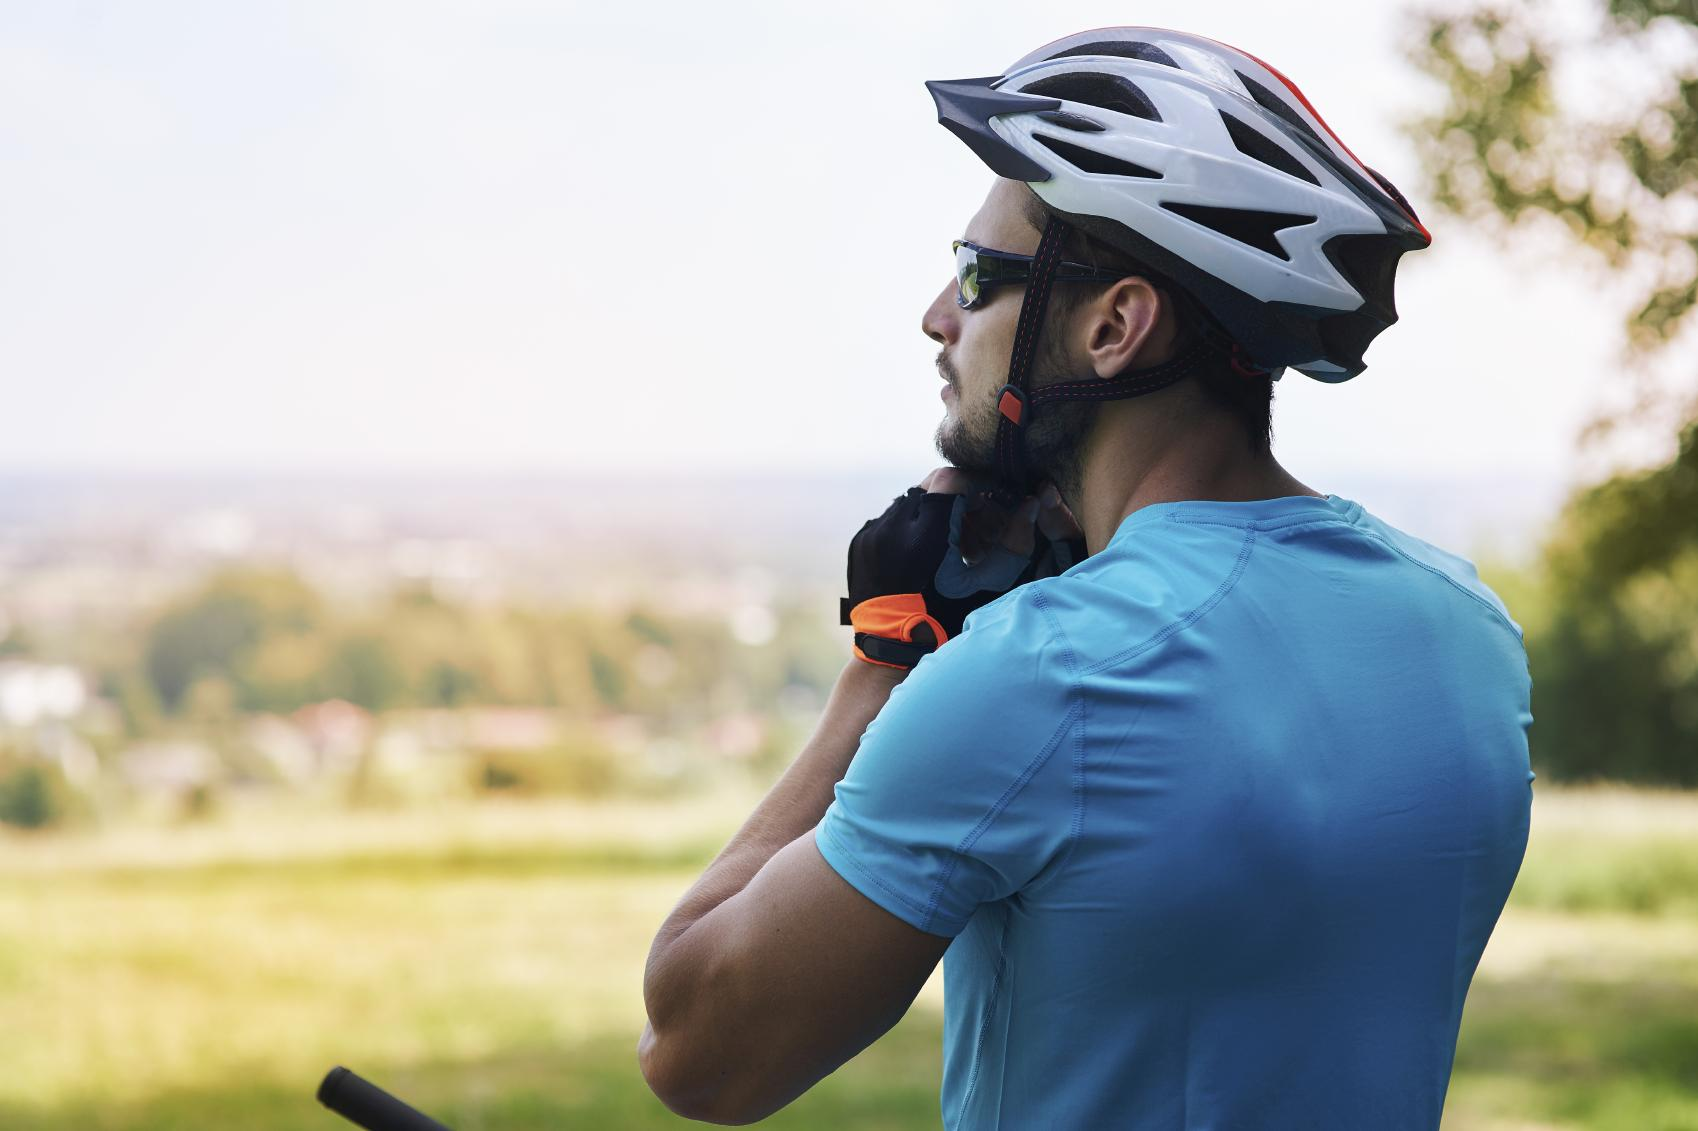 Ciclista poniéndose el casco